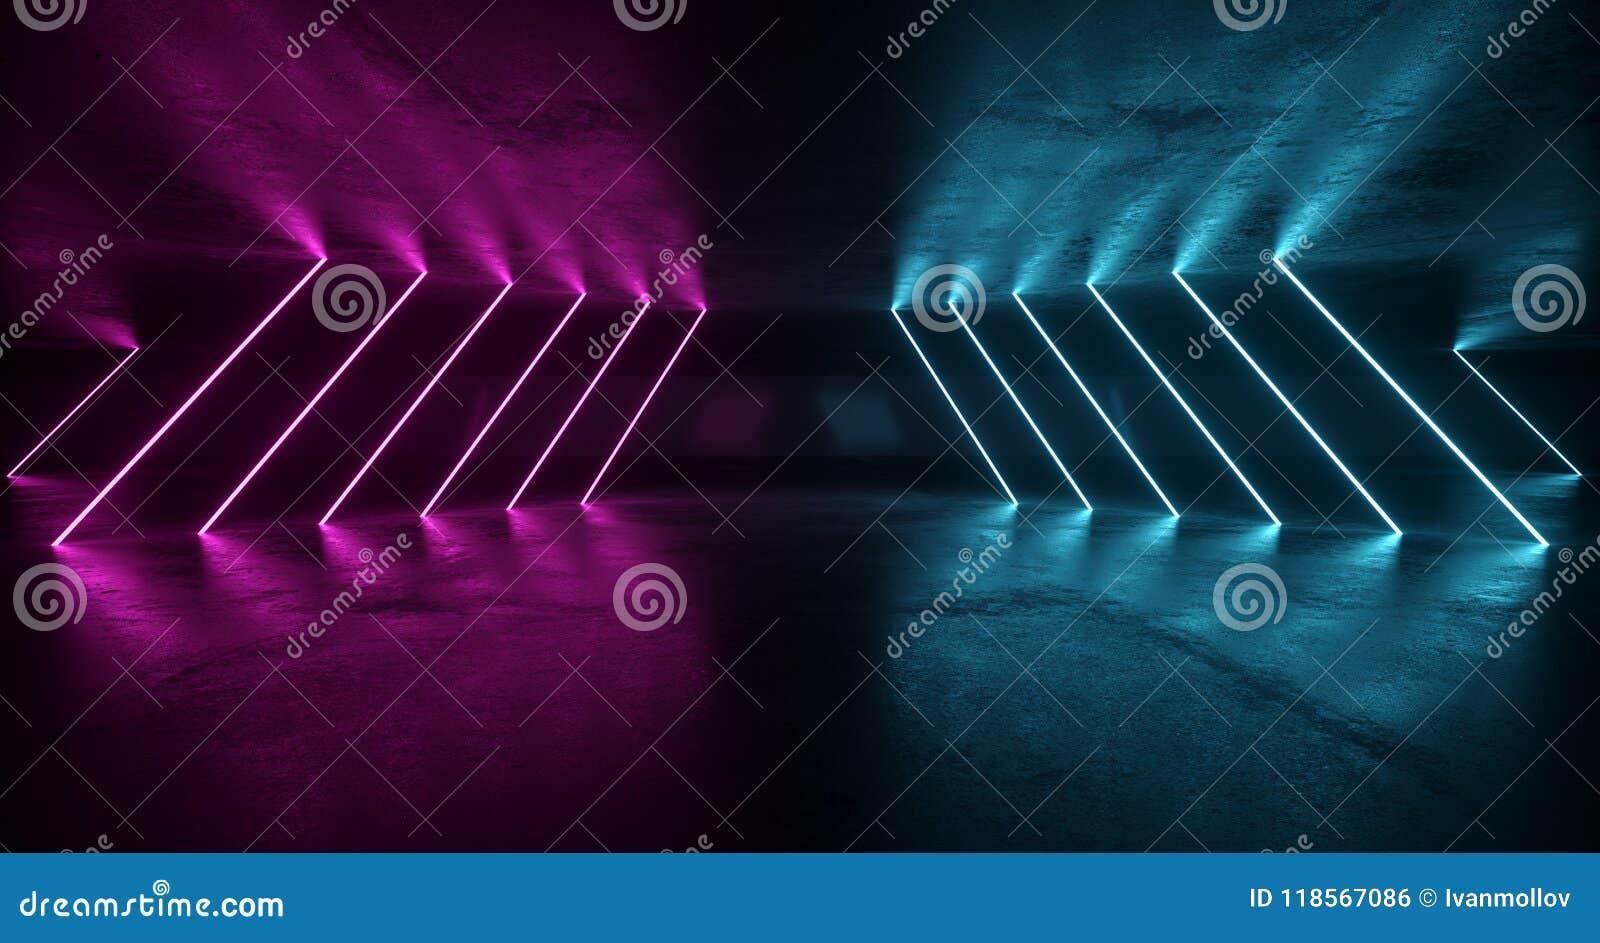 Fantastyka naukowa Grunge Futurystyczny pokój Z Purpurowymi I Błękitnymi Neonowymi światłami W